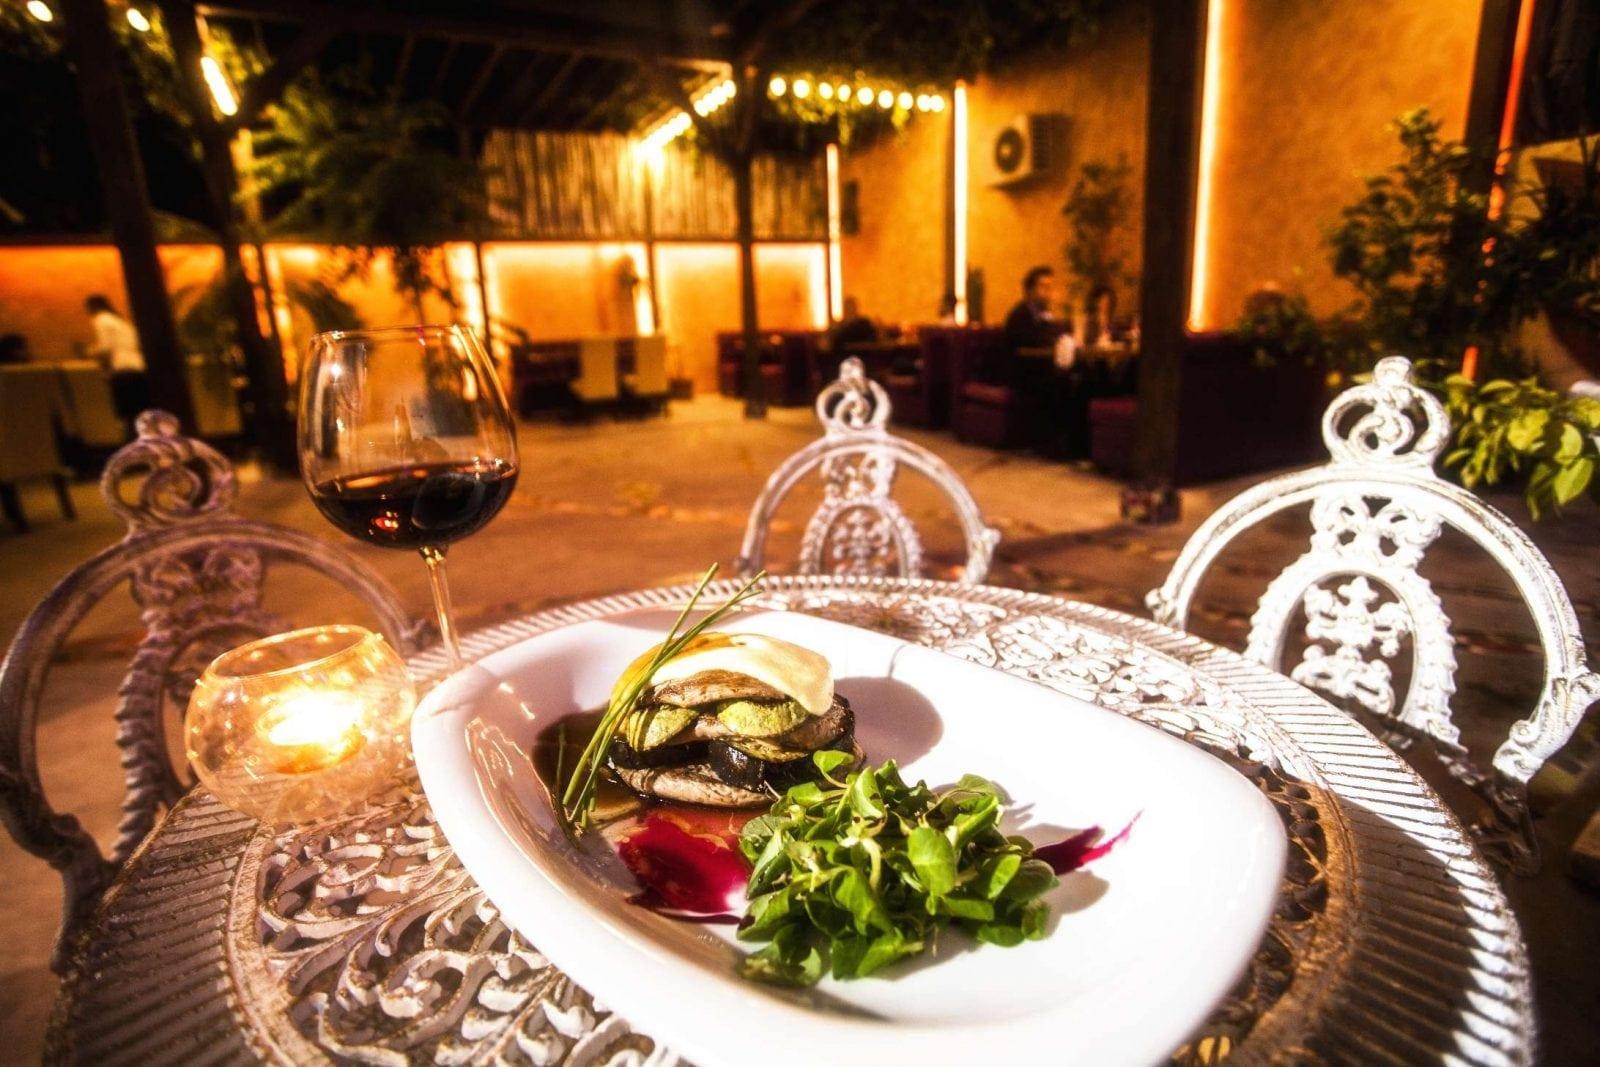 gradina3 - Delicii culinare la Grădina de vară La Rambla